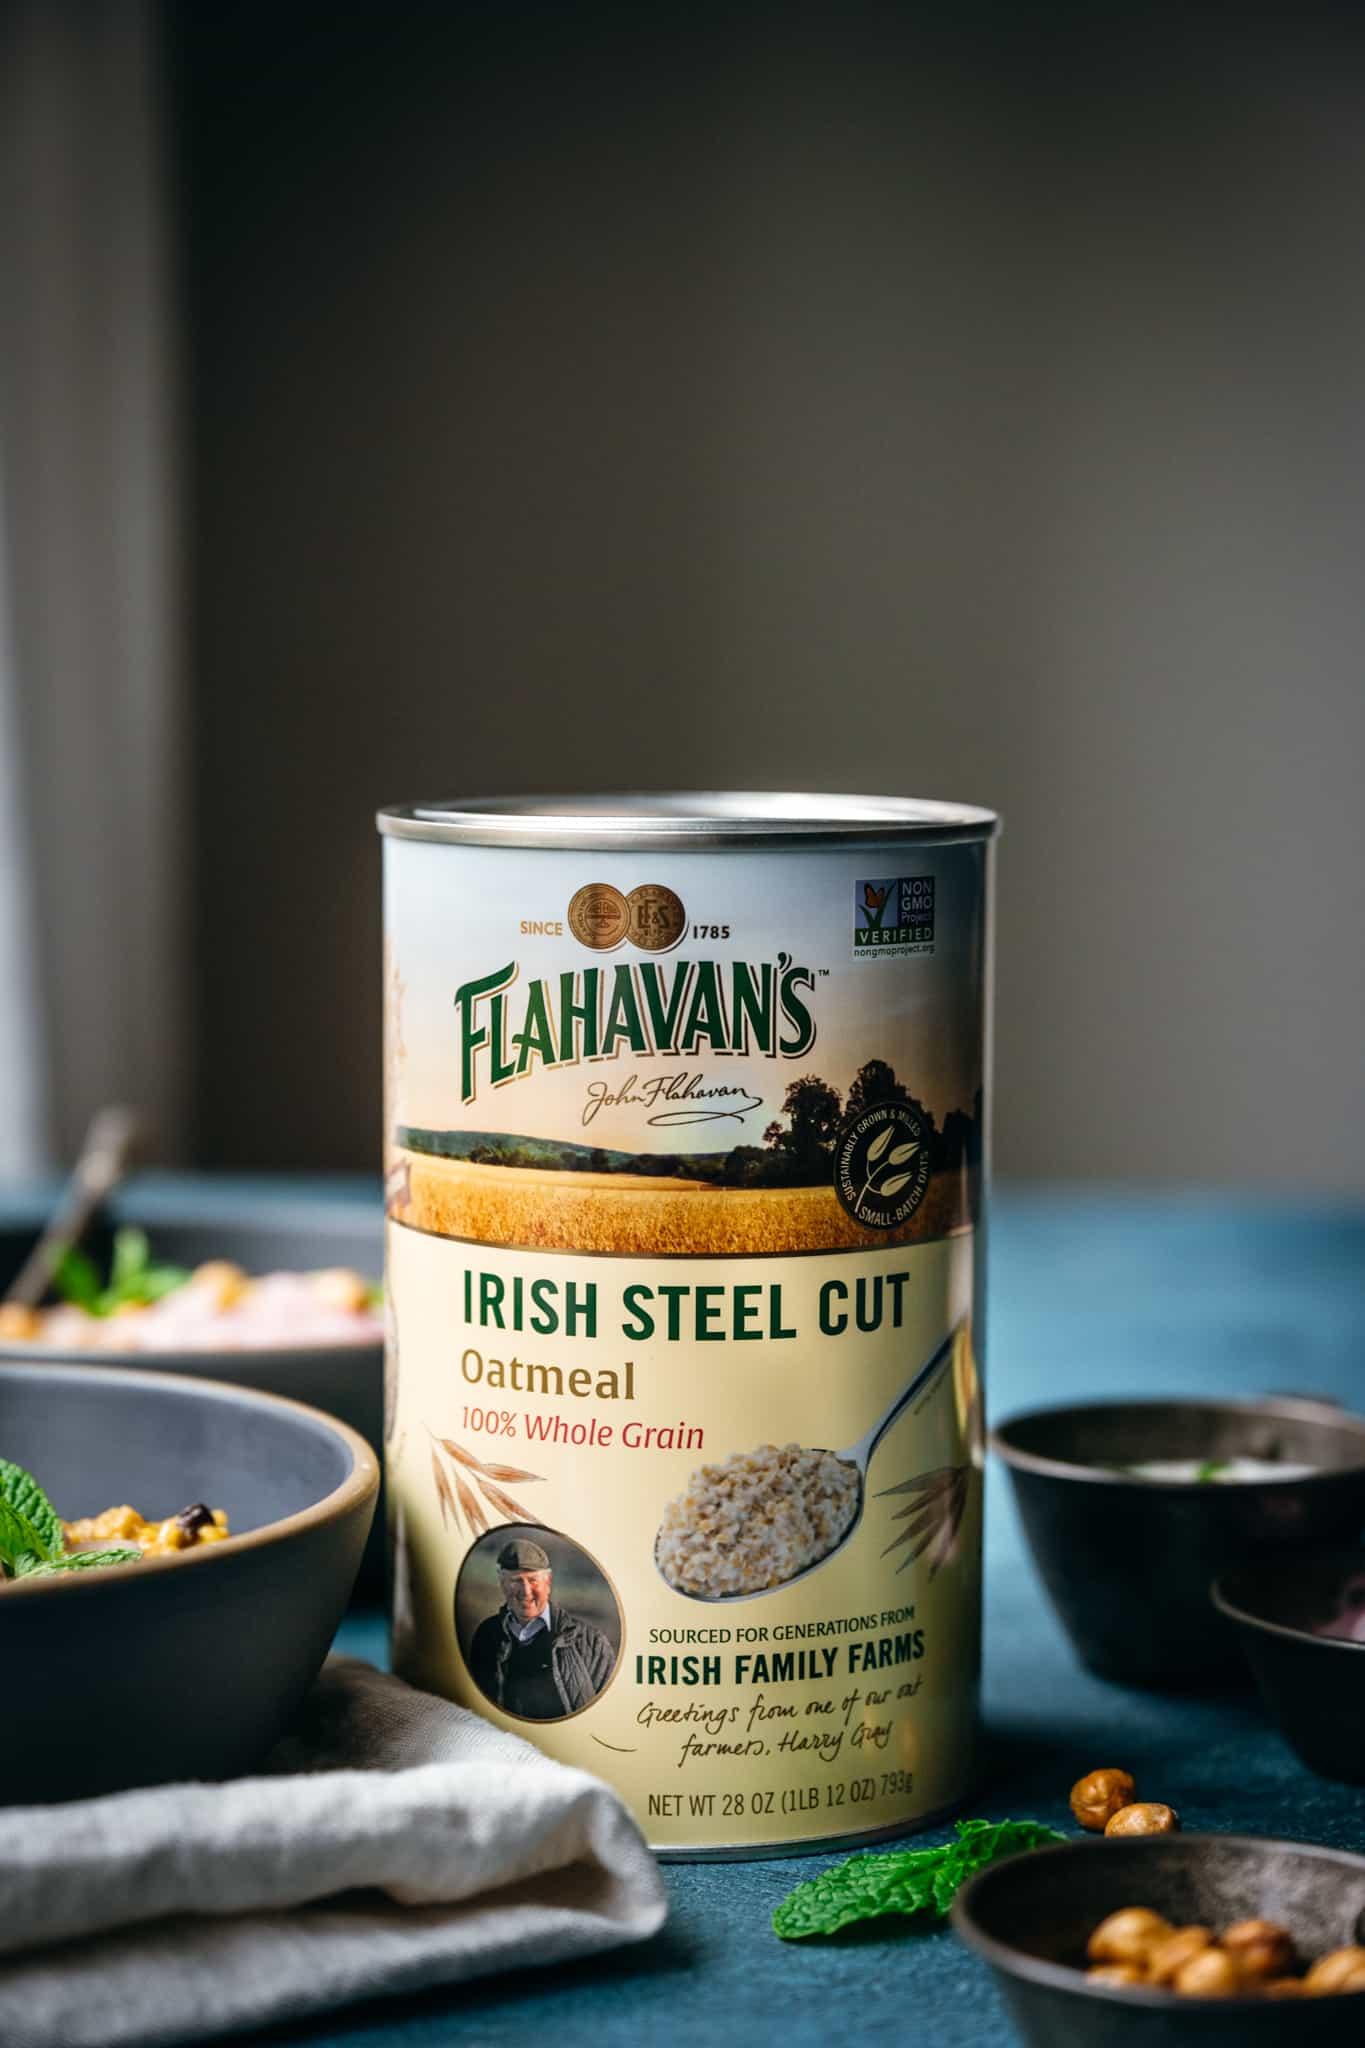 side view of can of Flahavan's Irish Steel Cut Oats